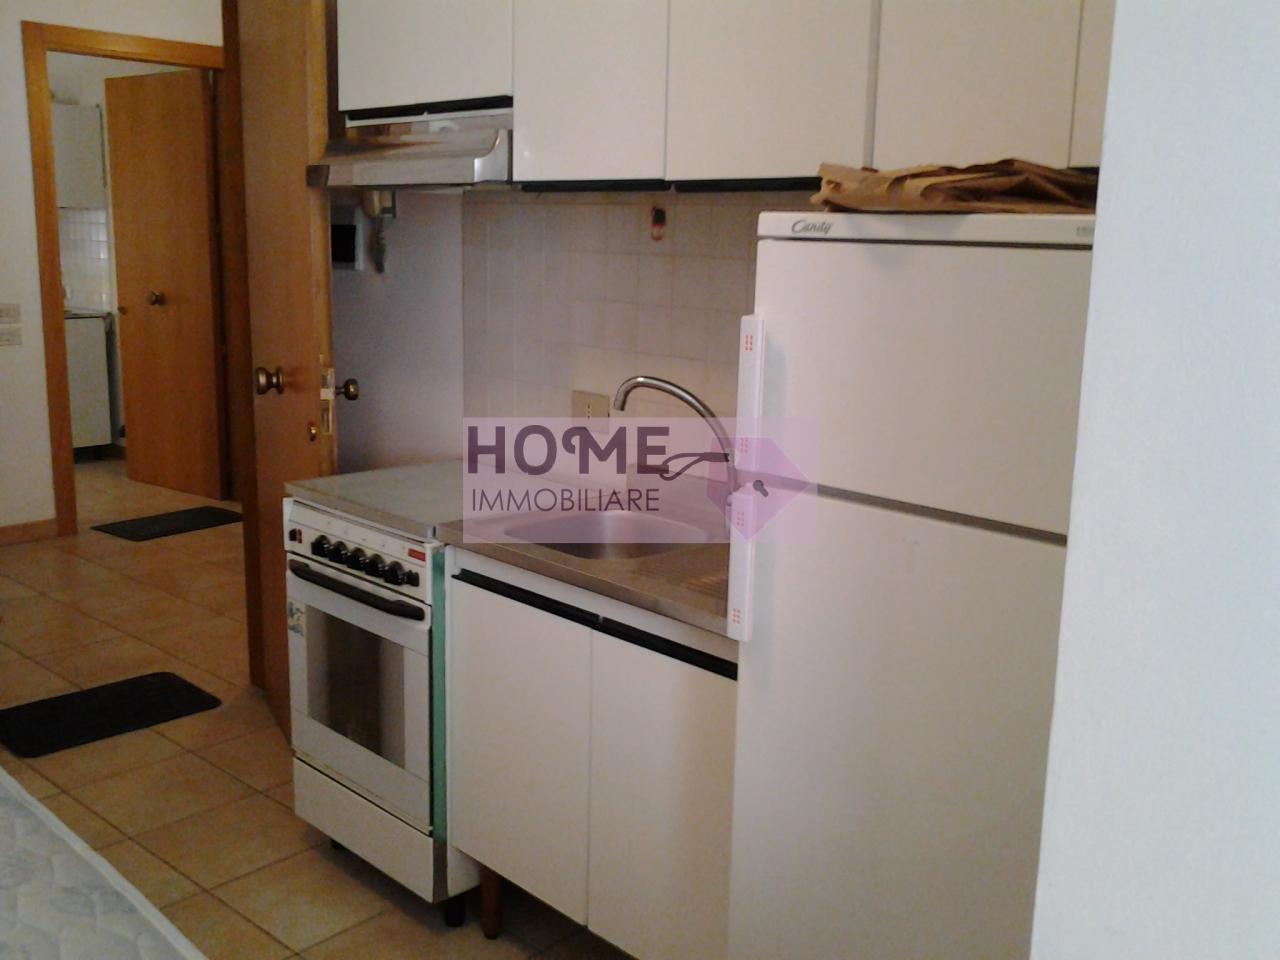 Appartamento in affitto a Macerata, 2 locali, zona Località: Centrostorico, prezzo € 300 | Cambio Casa.it